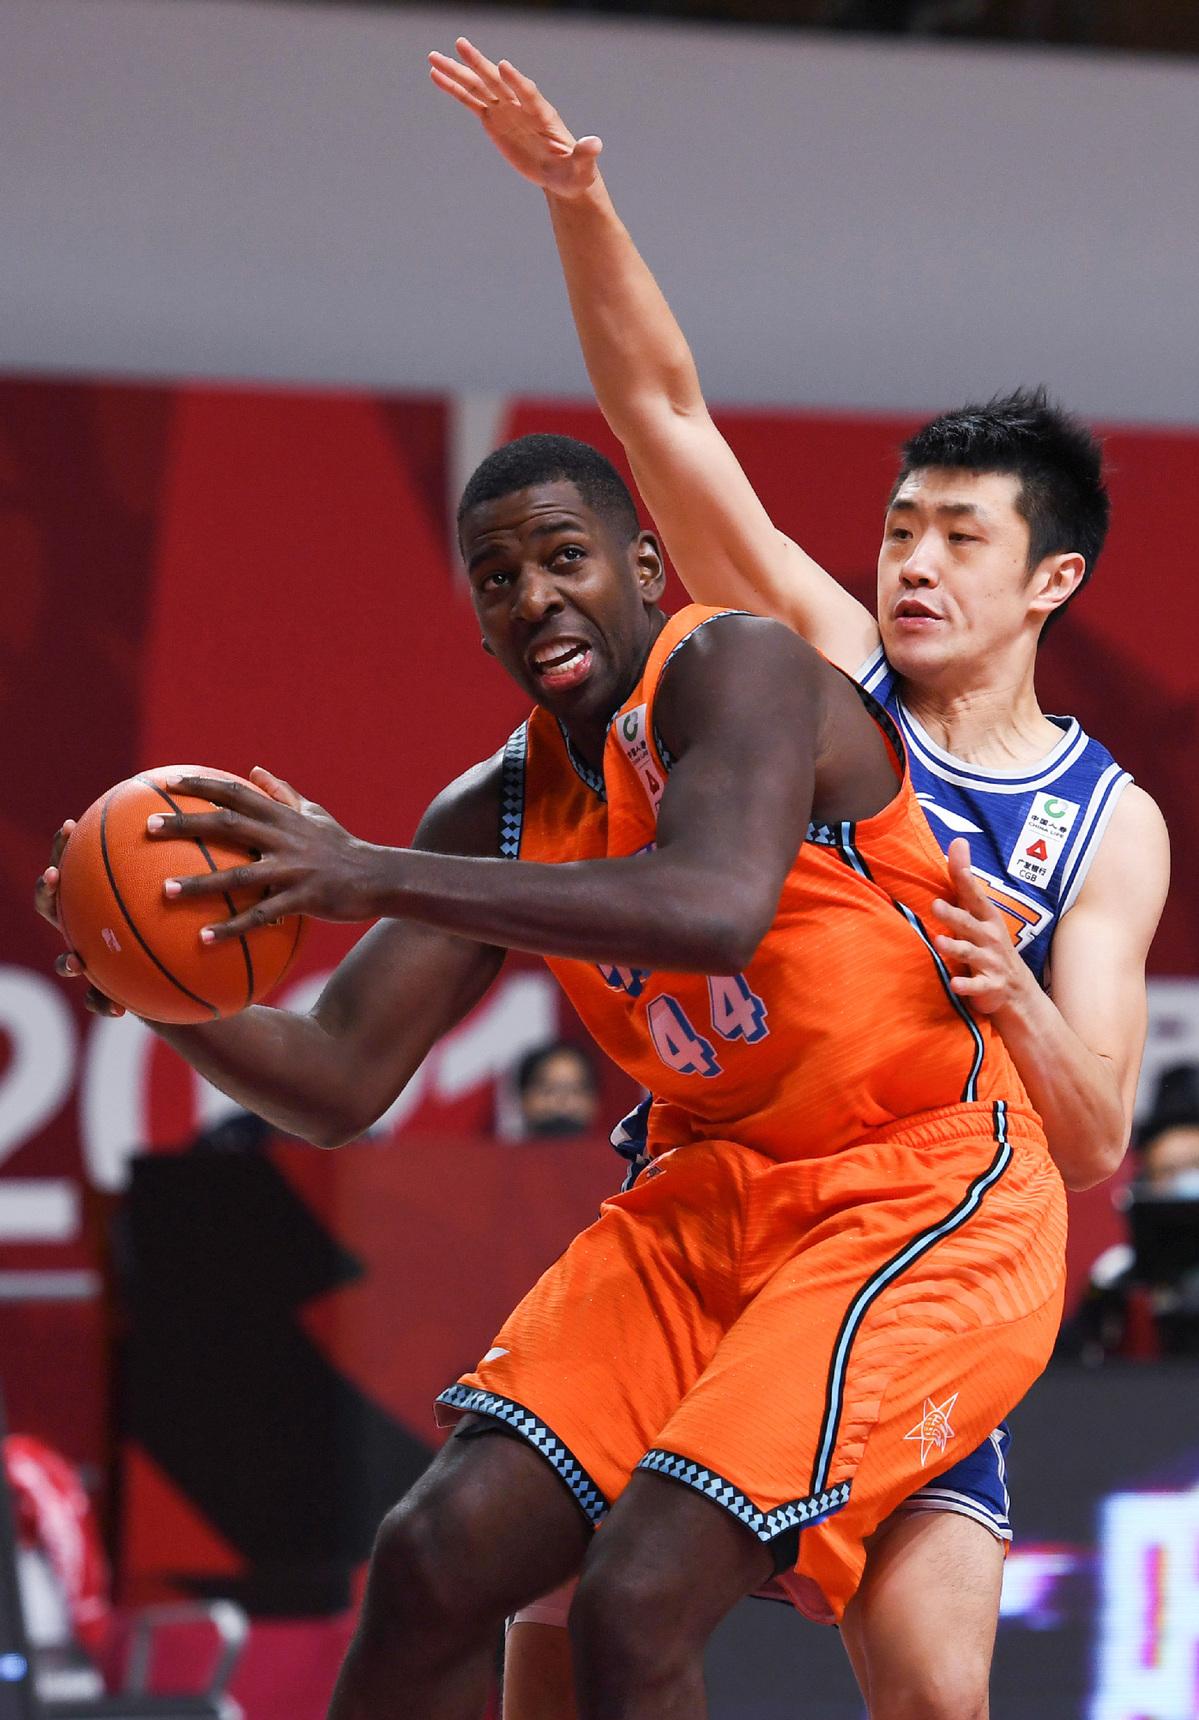 福建战队结束了上海CBA赛的六连胜